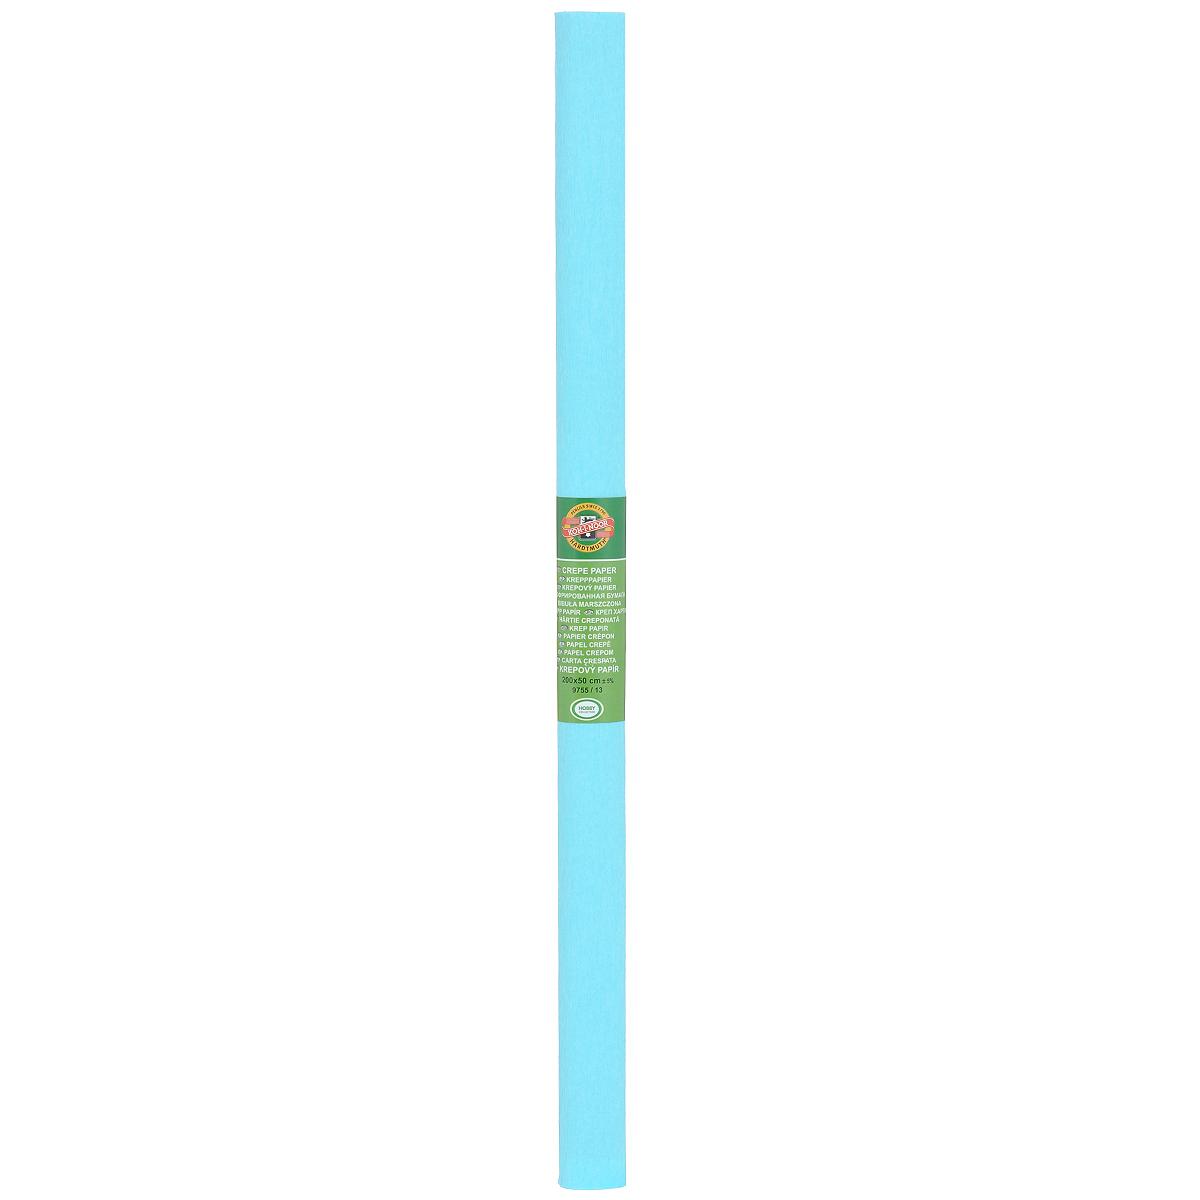 Бумага крепированная Koh-I-Noor, цвет: светло-бирюзовый, 50 см x 2 м09840-20.000.00Крепированная бумага Koh-I-Noor - прекрасный материал для декорирования, изготовления эффектной упаковки и различных поделок. Бумага прекрасно держит форму, не пачкает руки, отлично крепится и замечательно подходит для изготовления праздничной упаковки для цветов.